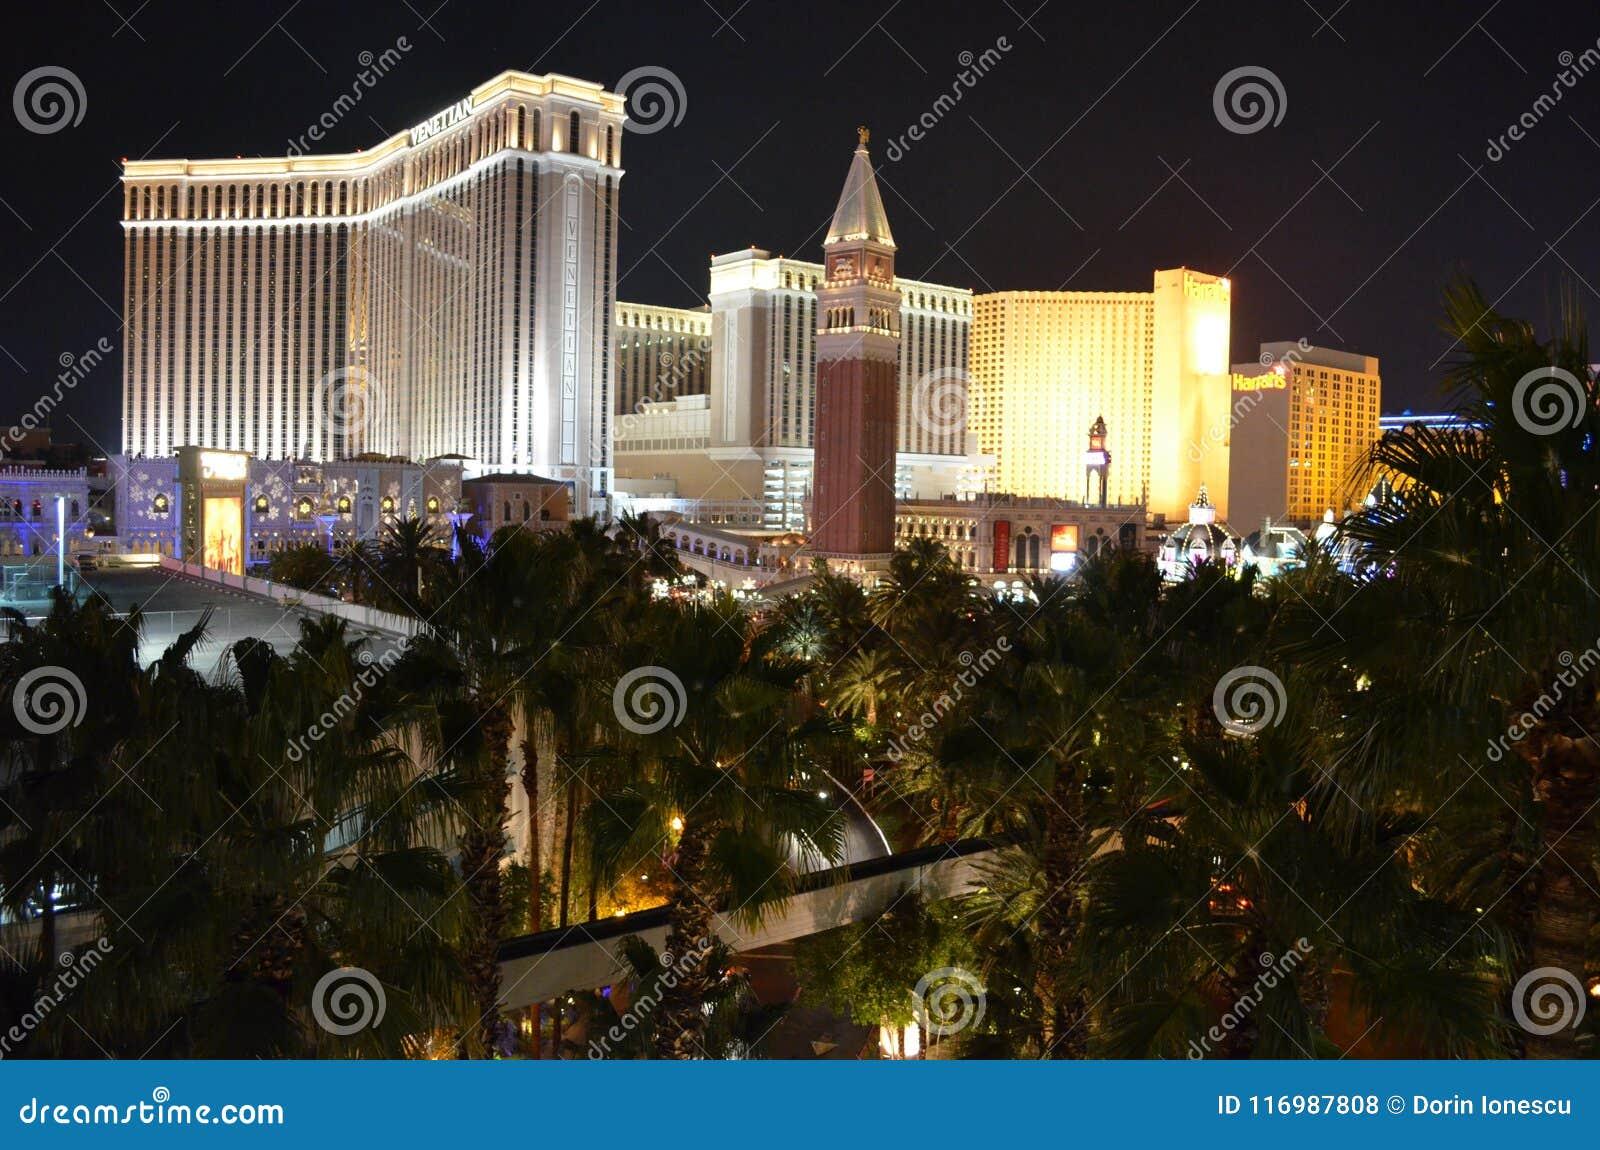 Ο Βενετός, μητροπολιτική περιοχή, νύχτα, μητρόπολη, ορόσημο